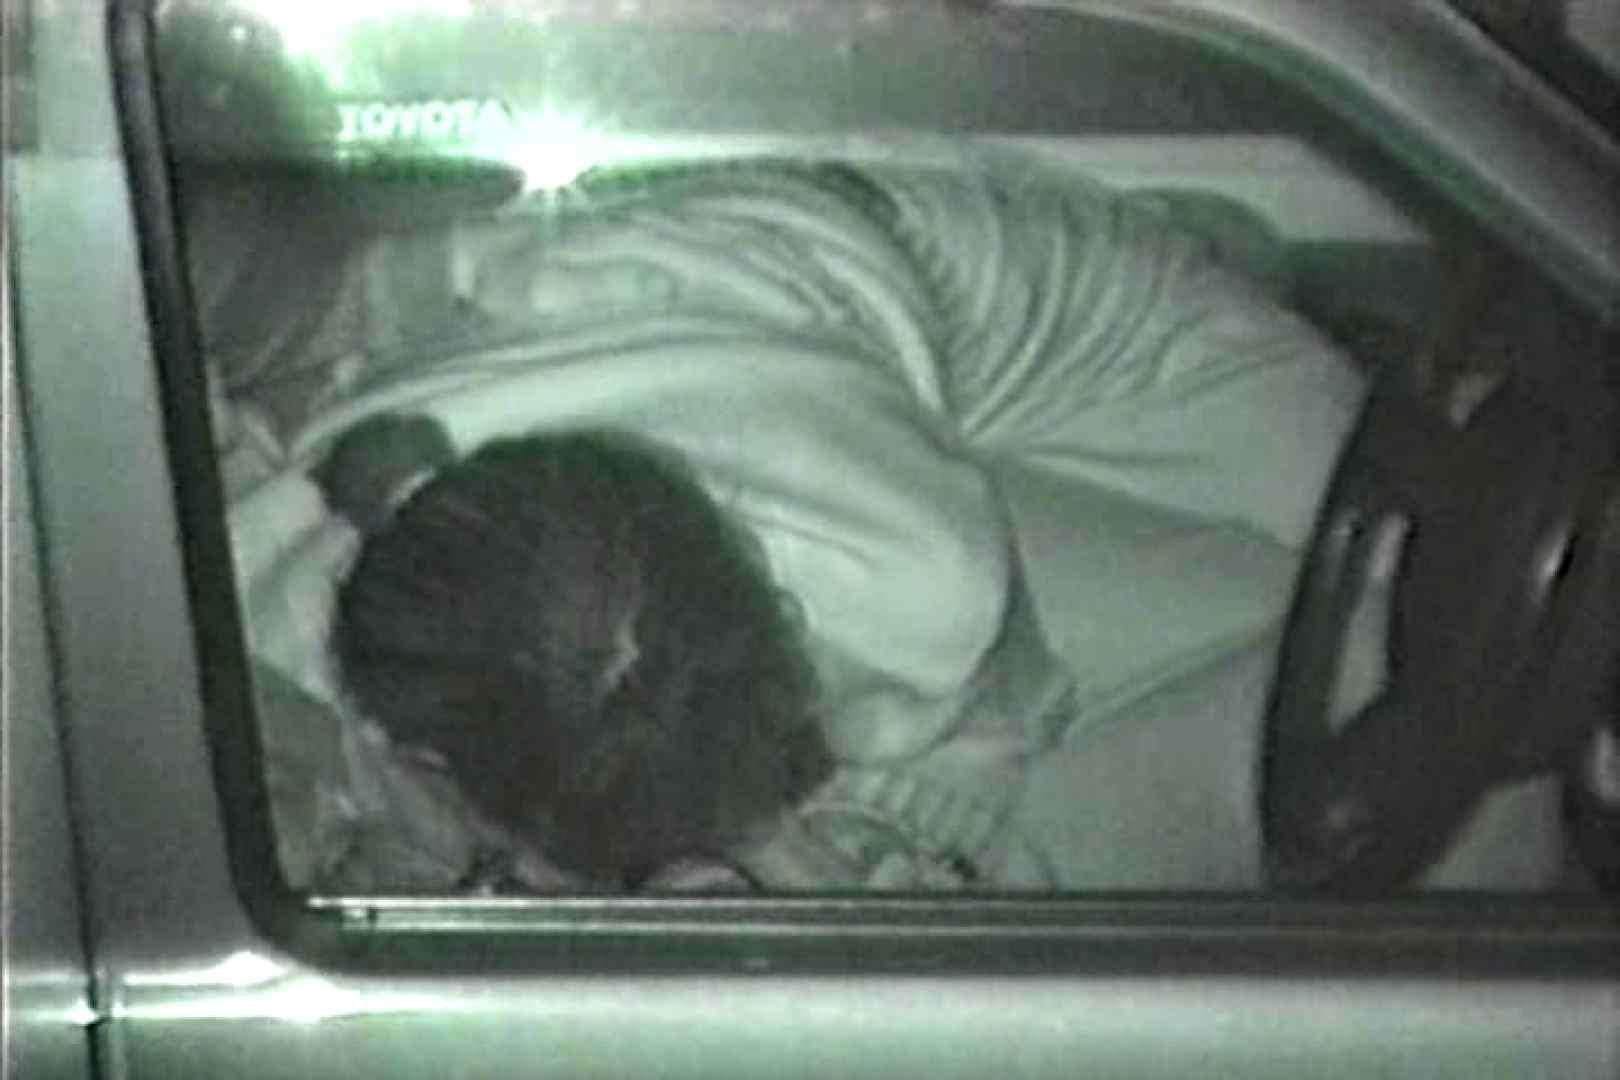 車の中はラブホテル 無修正版  Vol.7 ラブホテル AV無料動画キャプチャ 96連発 39